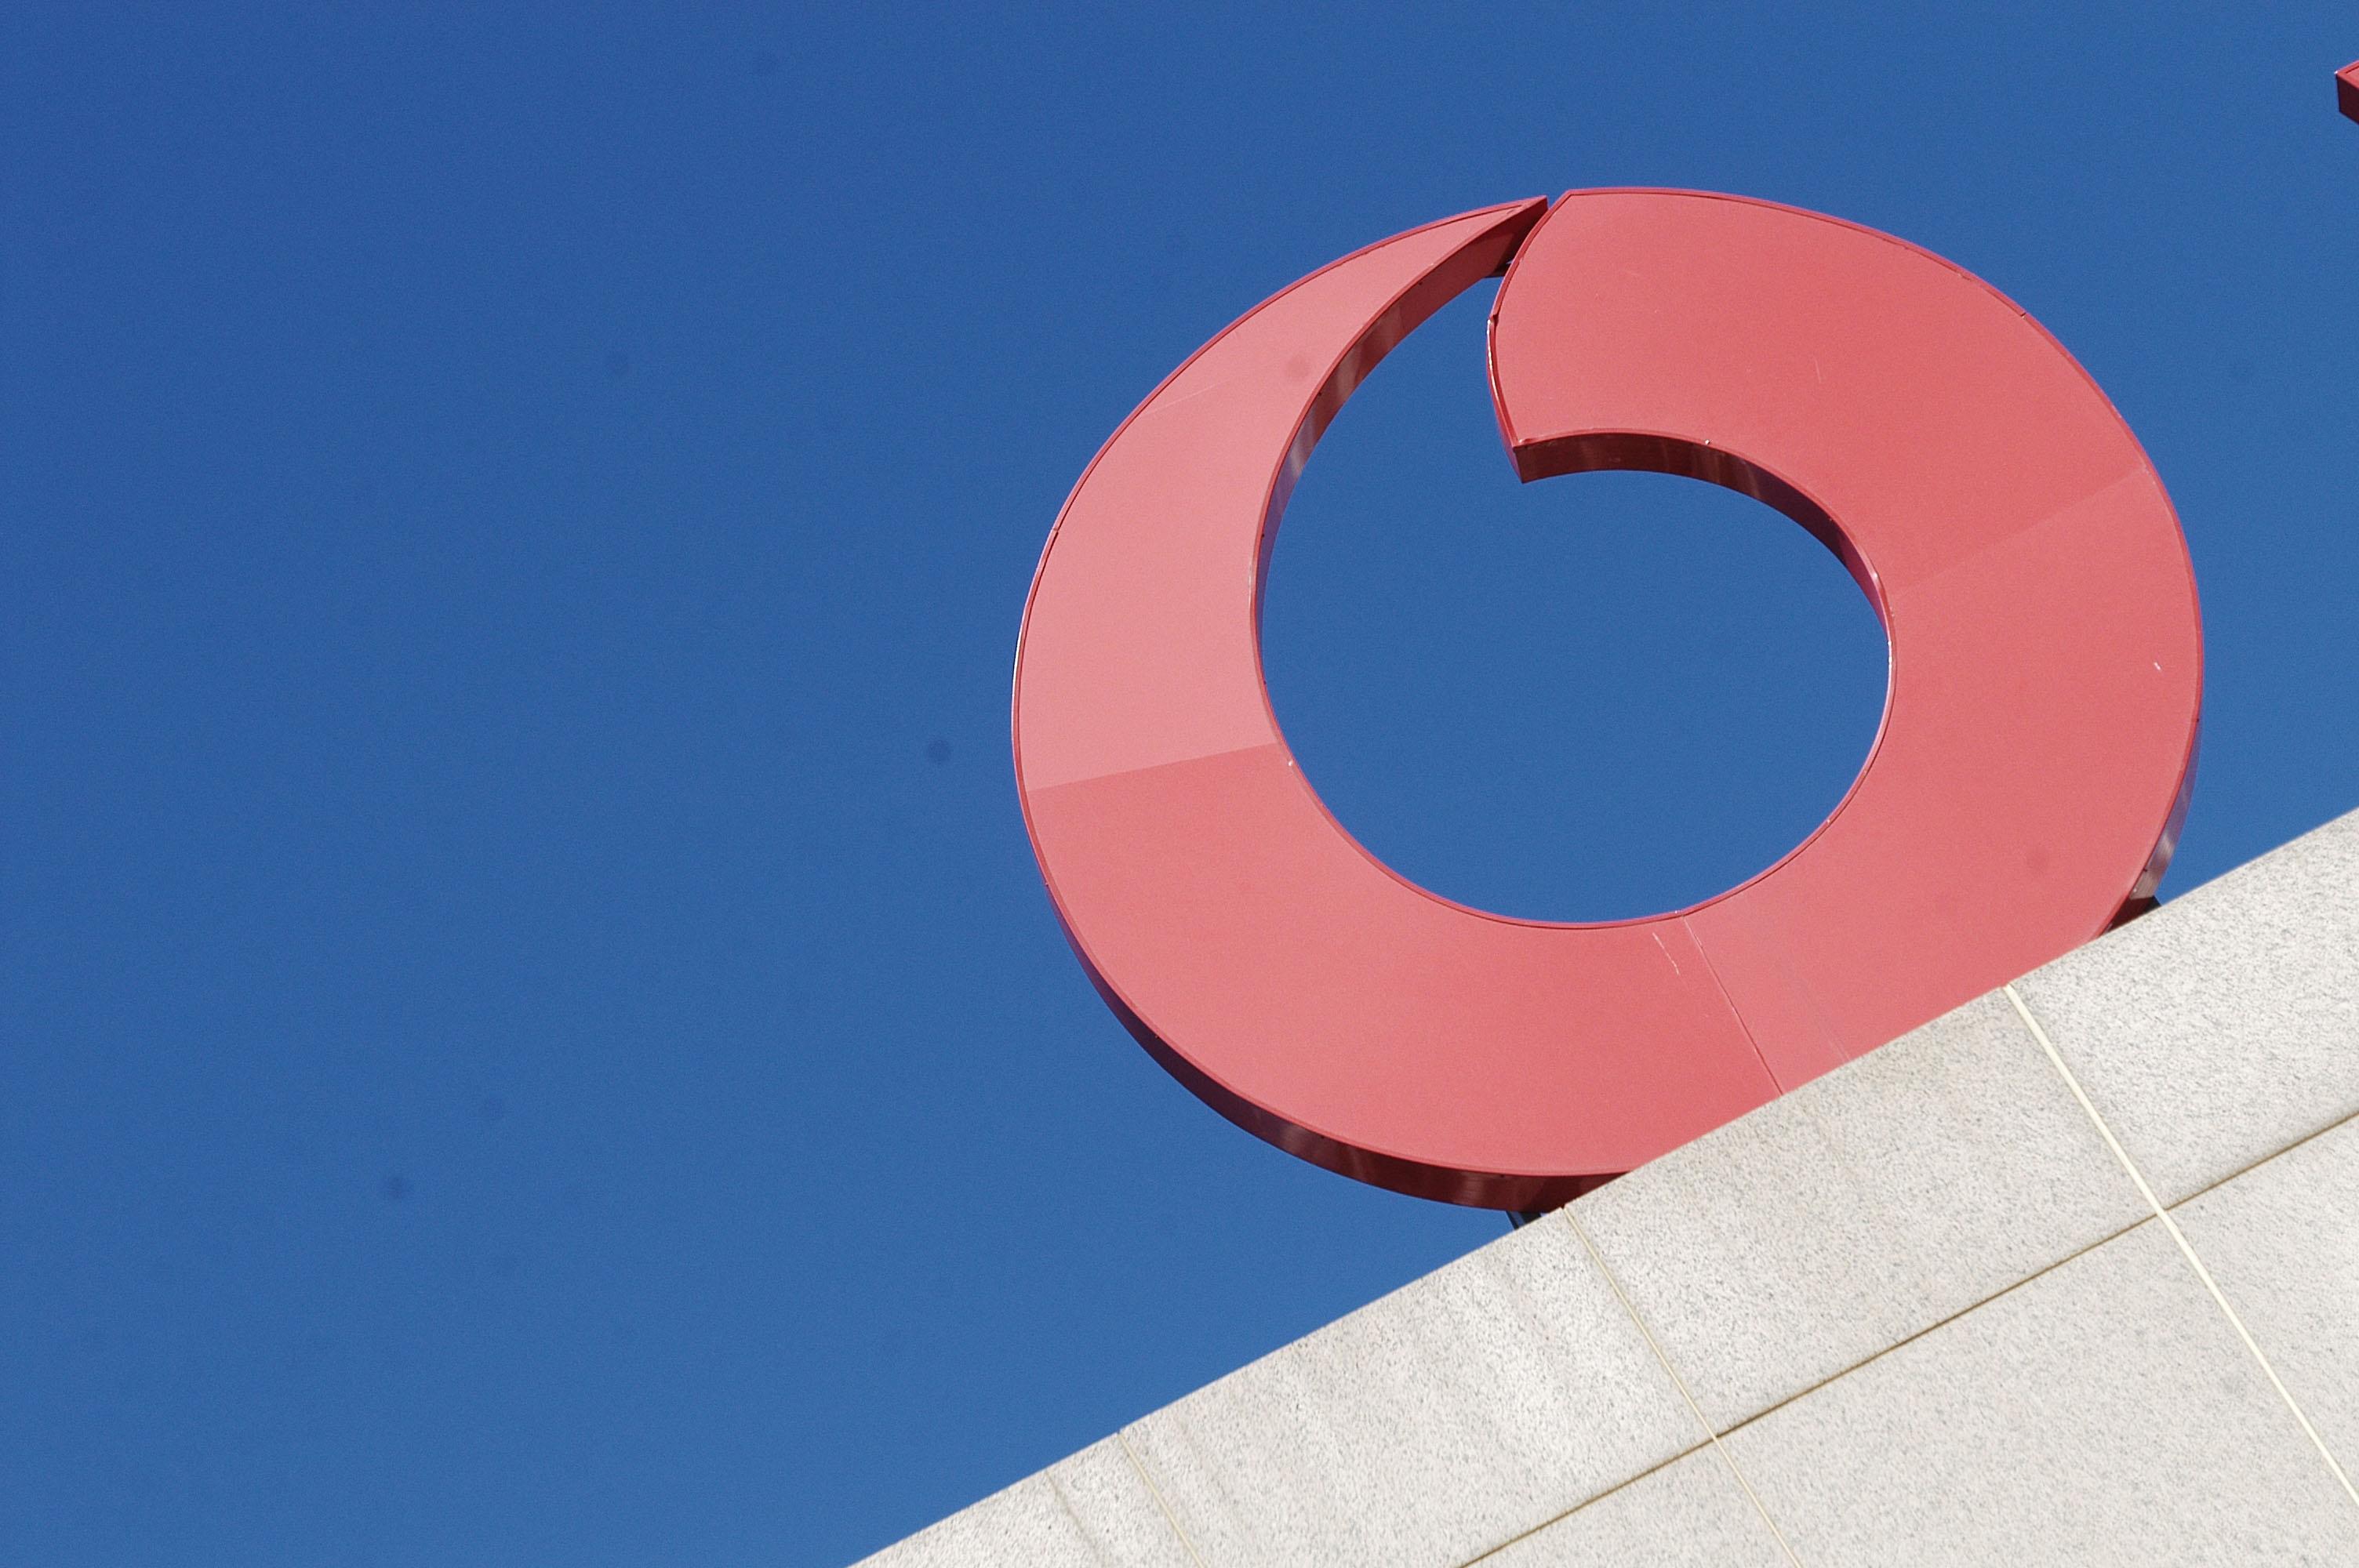 Vodafone factura un 3,5% menos en el primer trimestre de su ejercicio fiscal